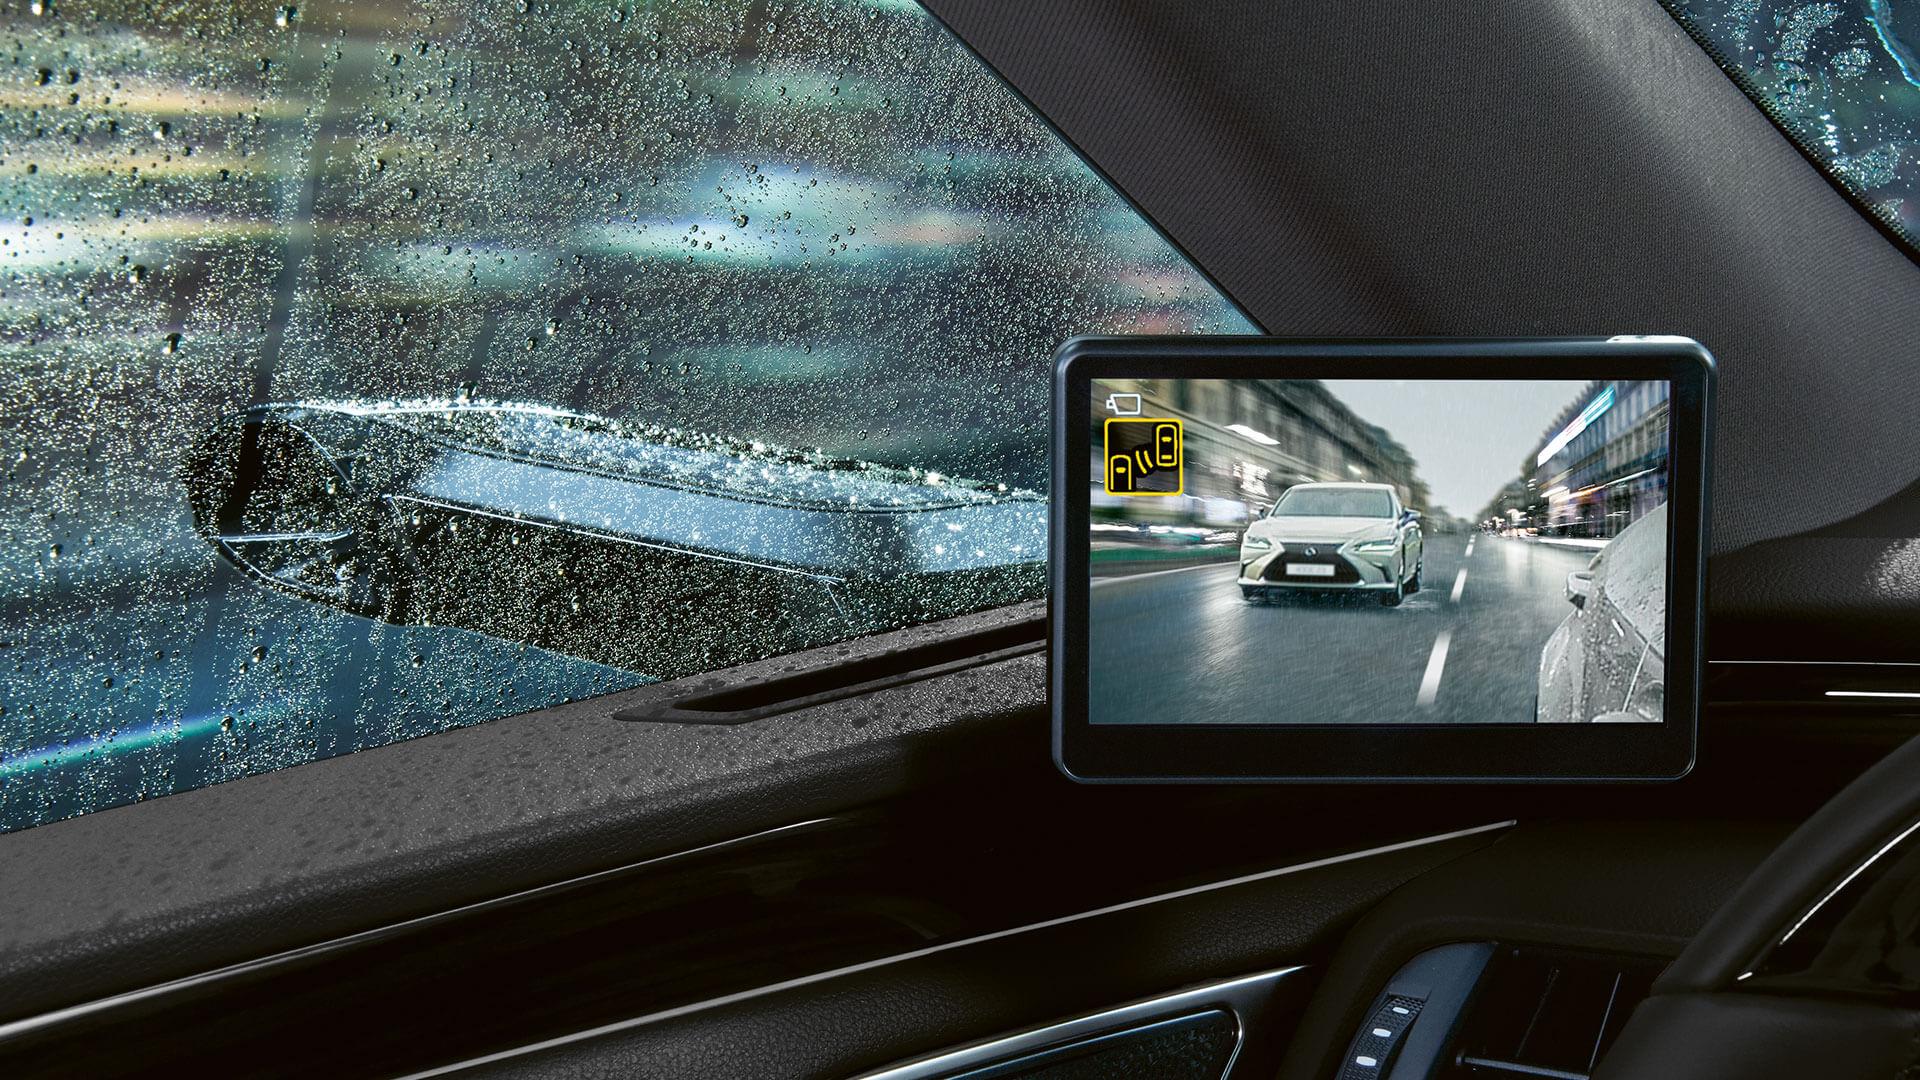 2020 lexus es gallery digital mirror 04